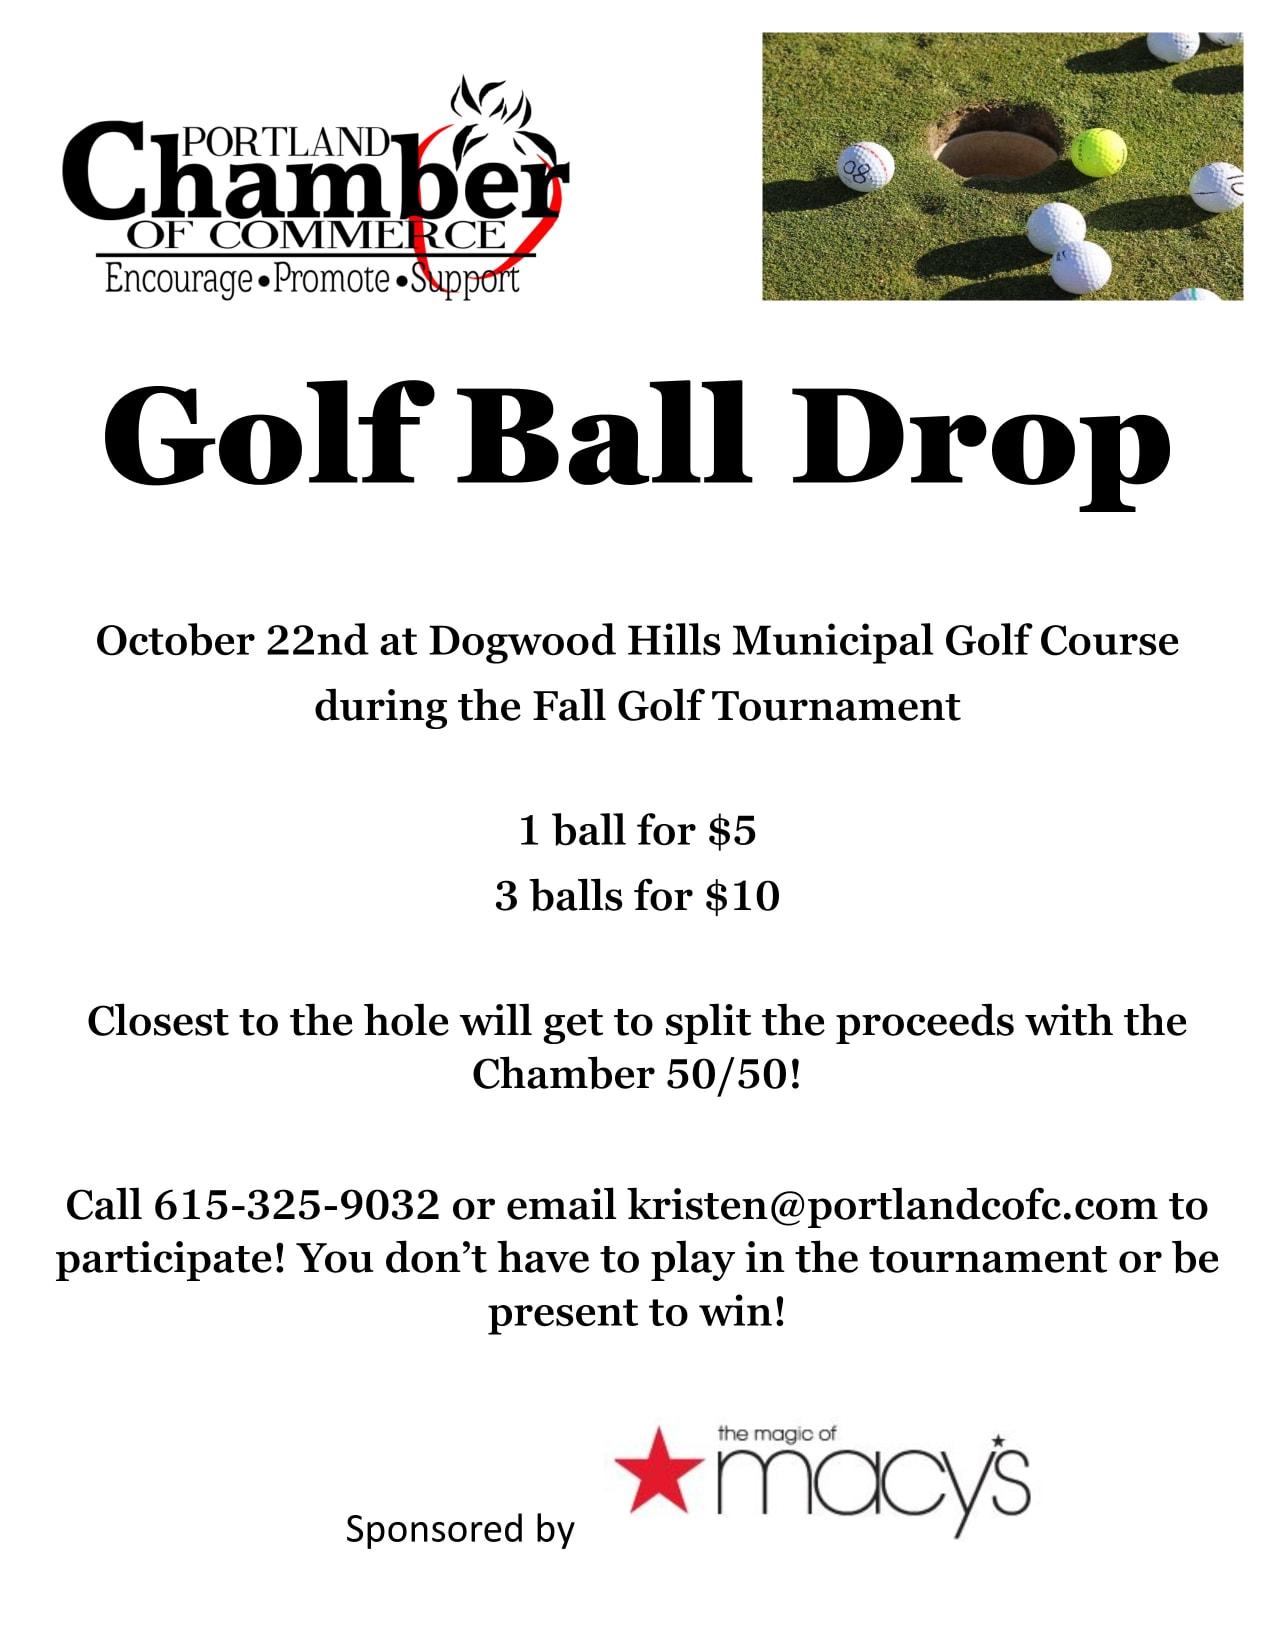 Fall Golf Tournament & Golf Ball Drop